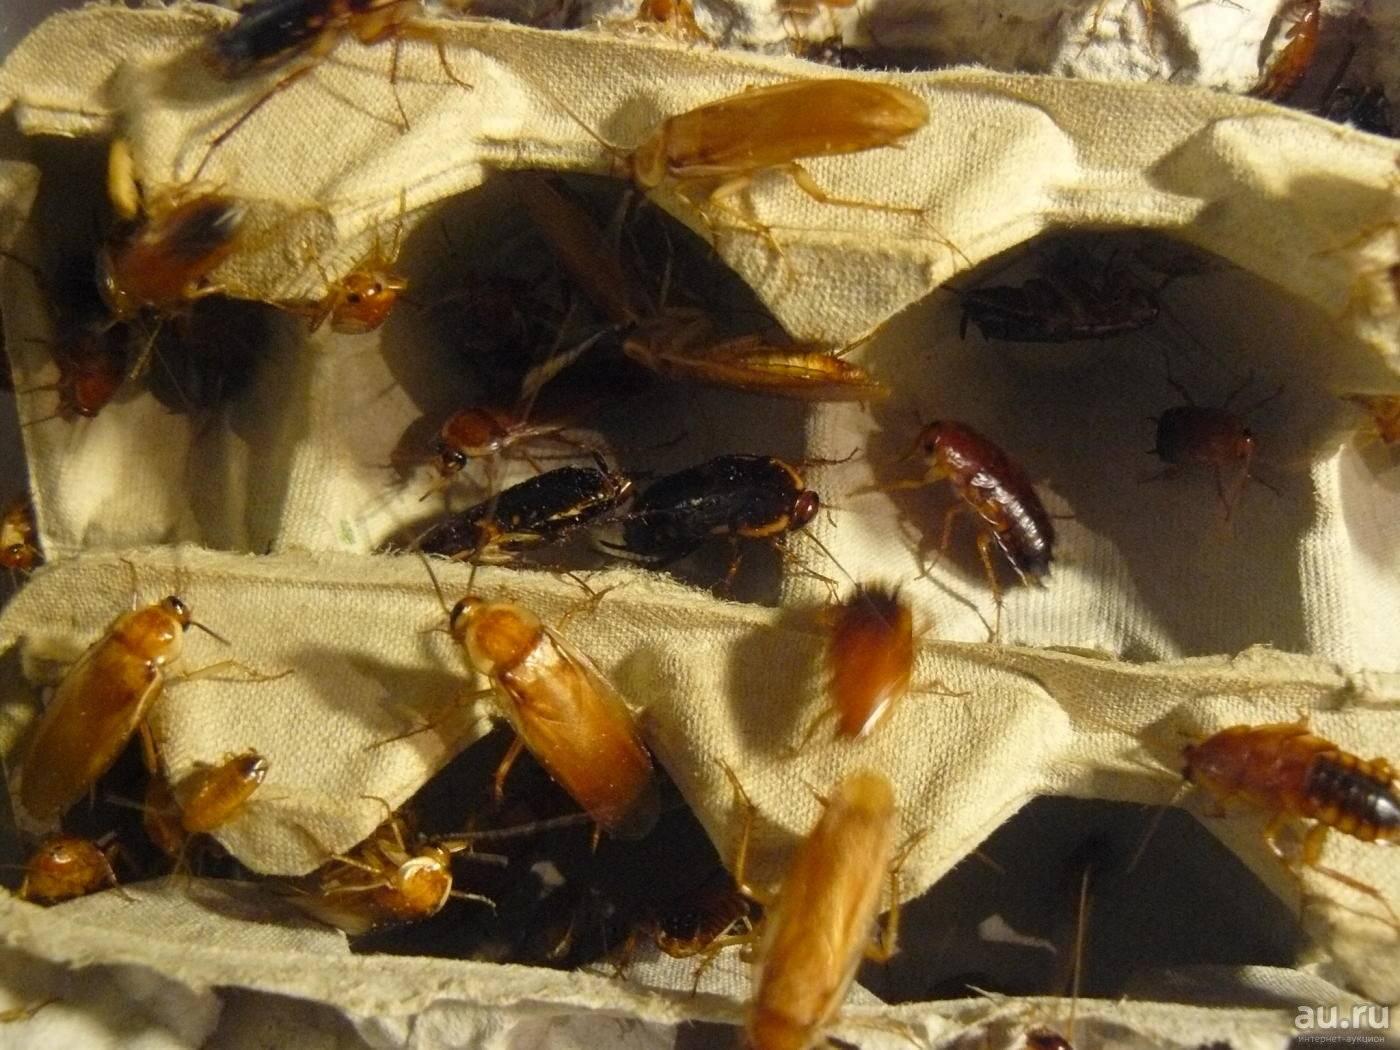 Кто ест тараканов (питается ими), естественные враги домашних паразитов